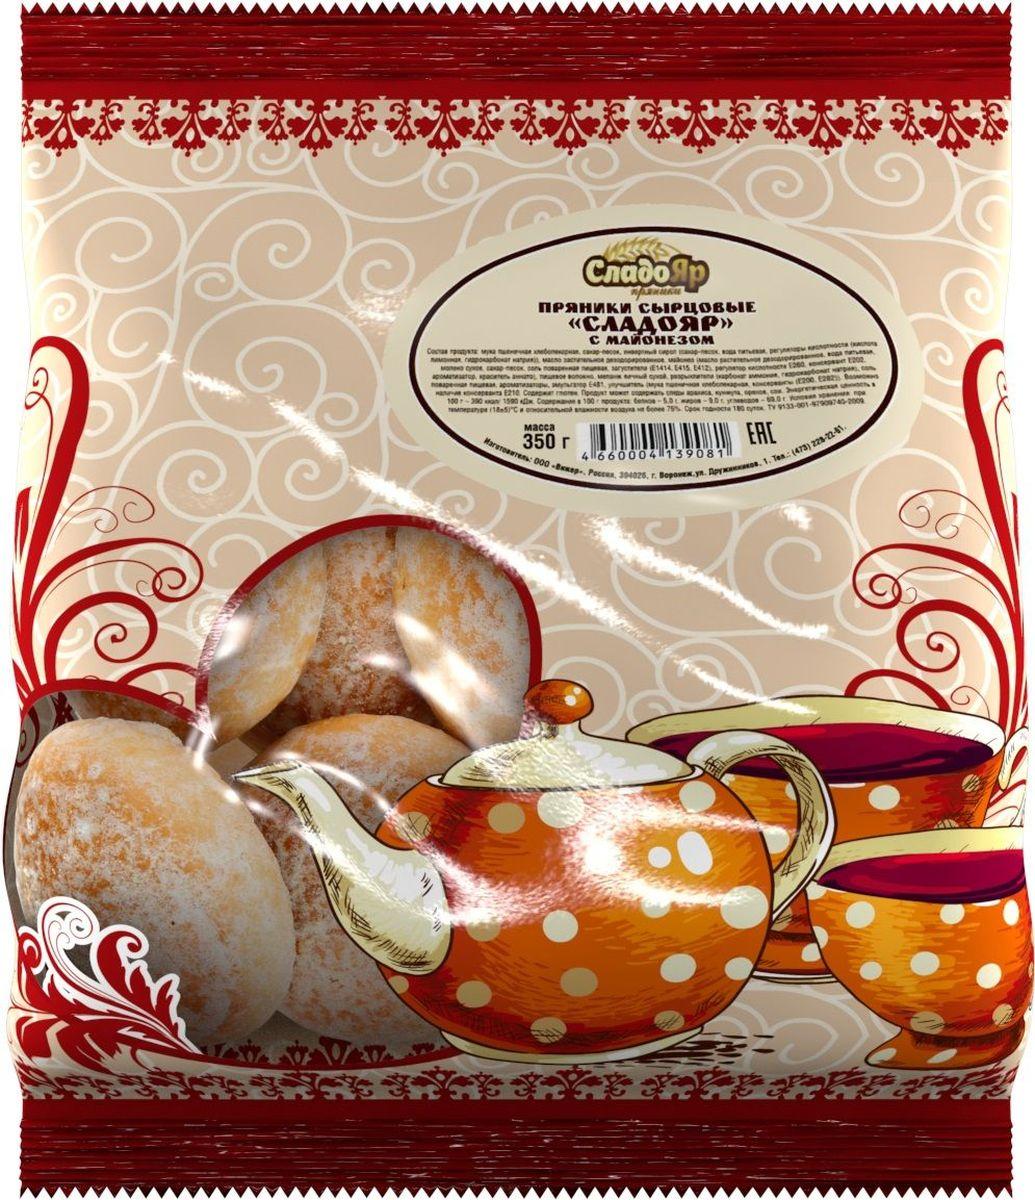 Сладояр пряники с майонезом, 350 г4660004139081Воздушные пряники круглой формы со вкусом майонеза - оригинальный рецепт от КФ Вижер. По достоинству оценено покупателями во многих уголках России.